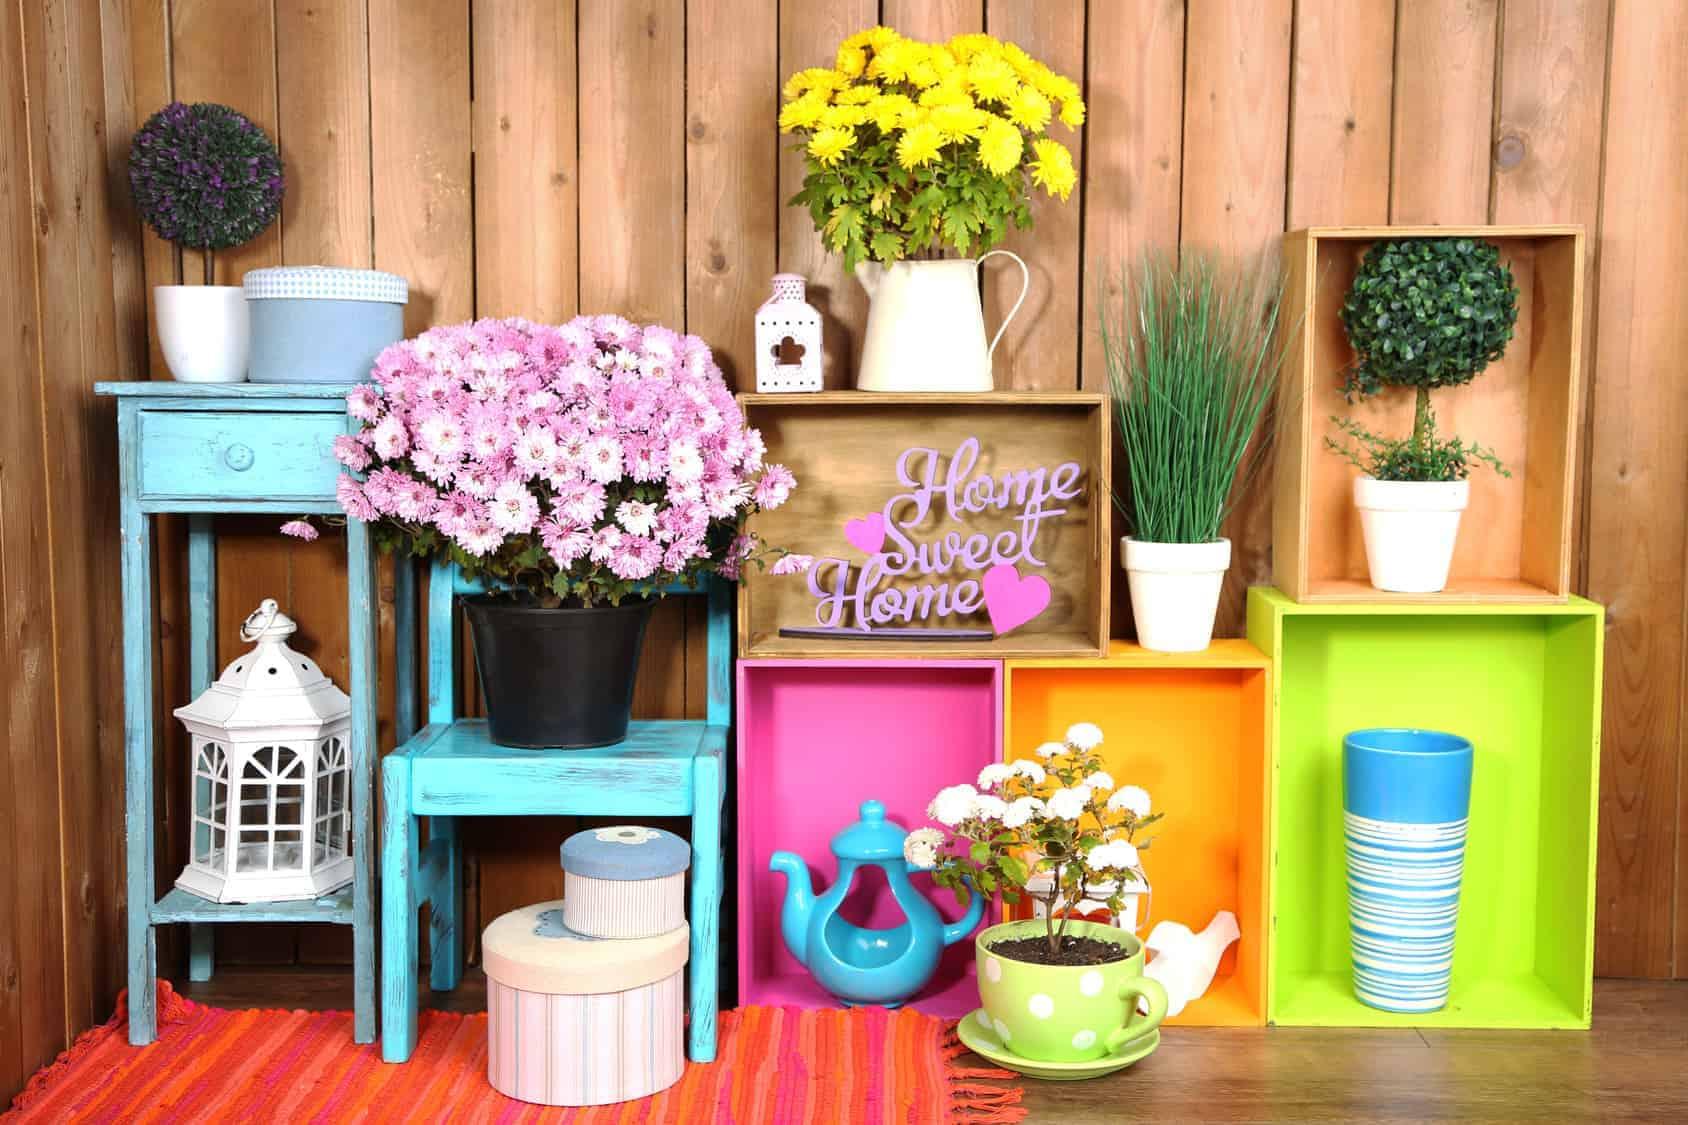 gemutlich wohnen helles holz weiss, das geht: gemütlich minimalistisch wohnen, Design ideen